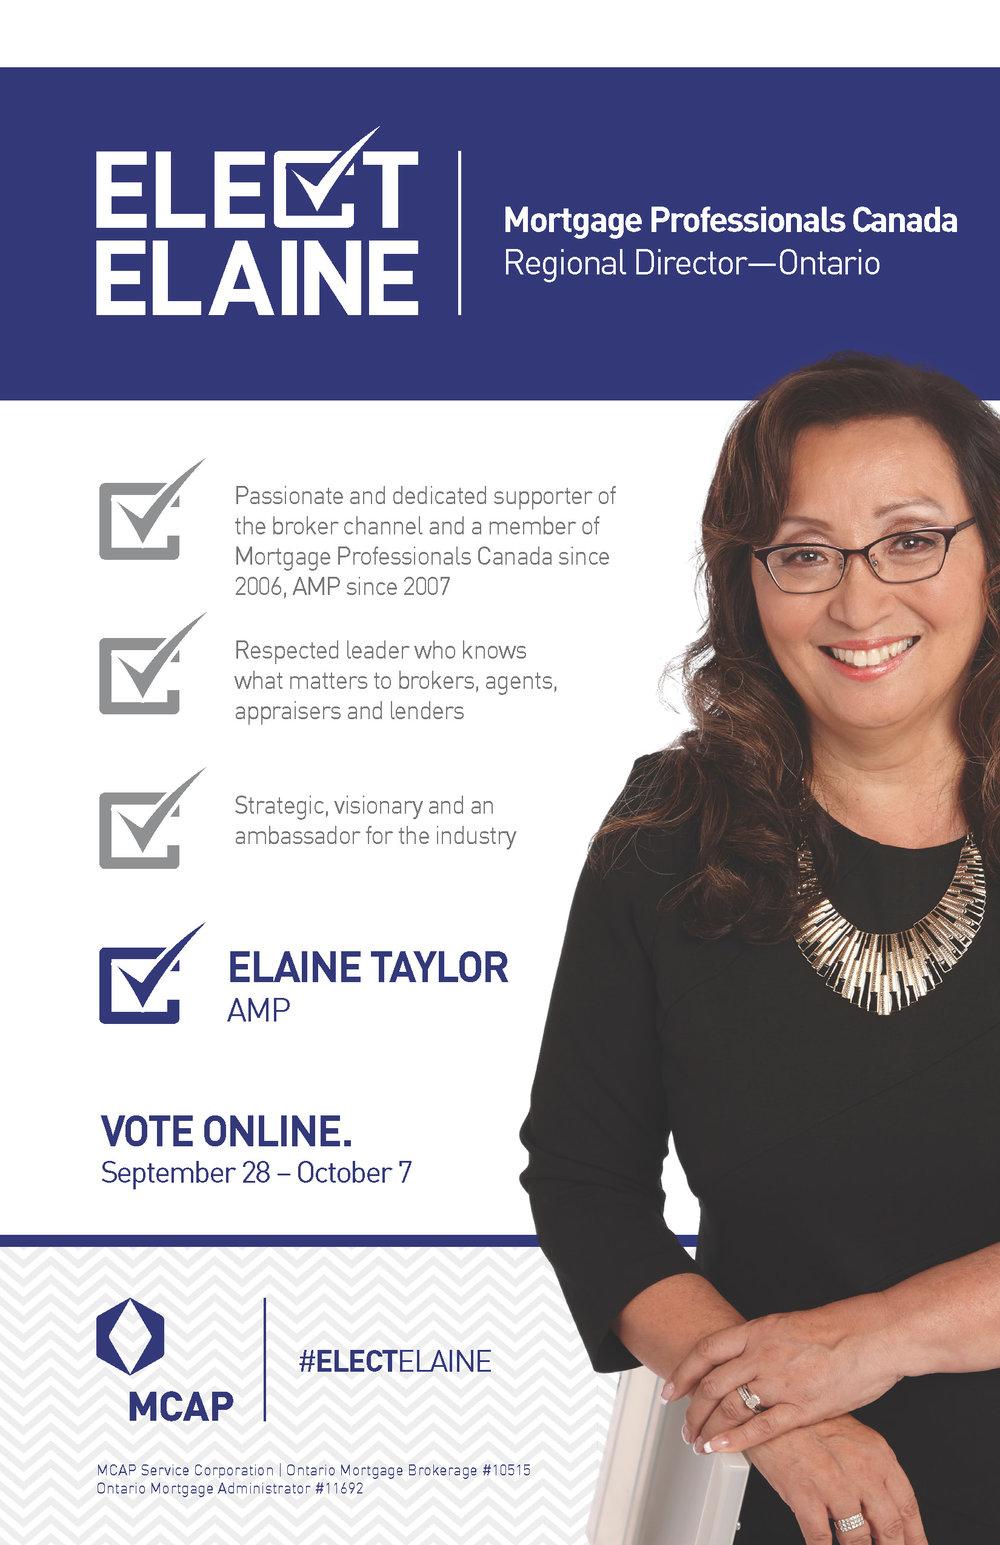 Elect Elaine Campaign Creative